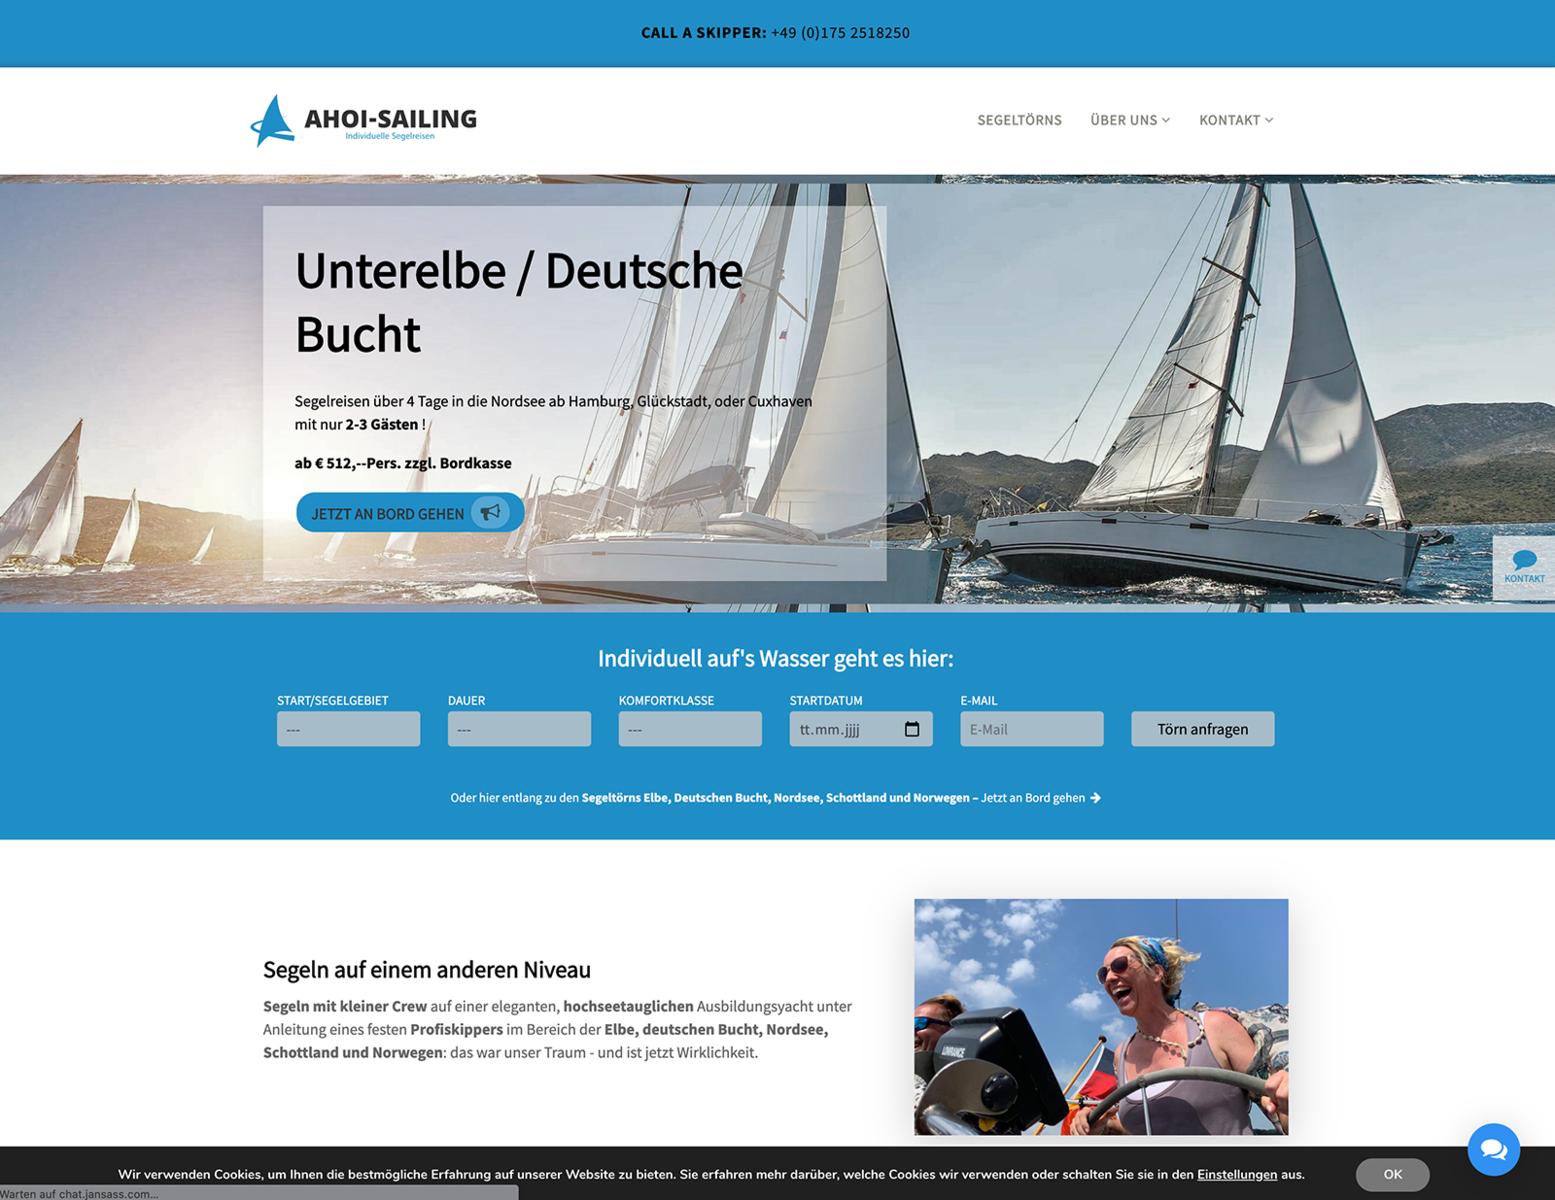 Strategie und Websites für Ahoi Sailing